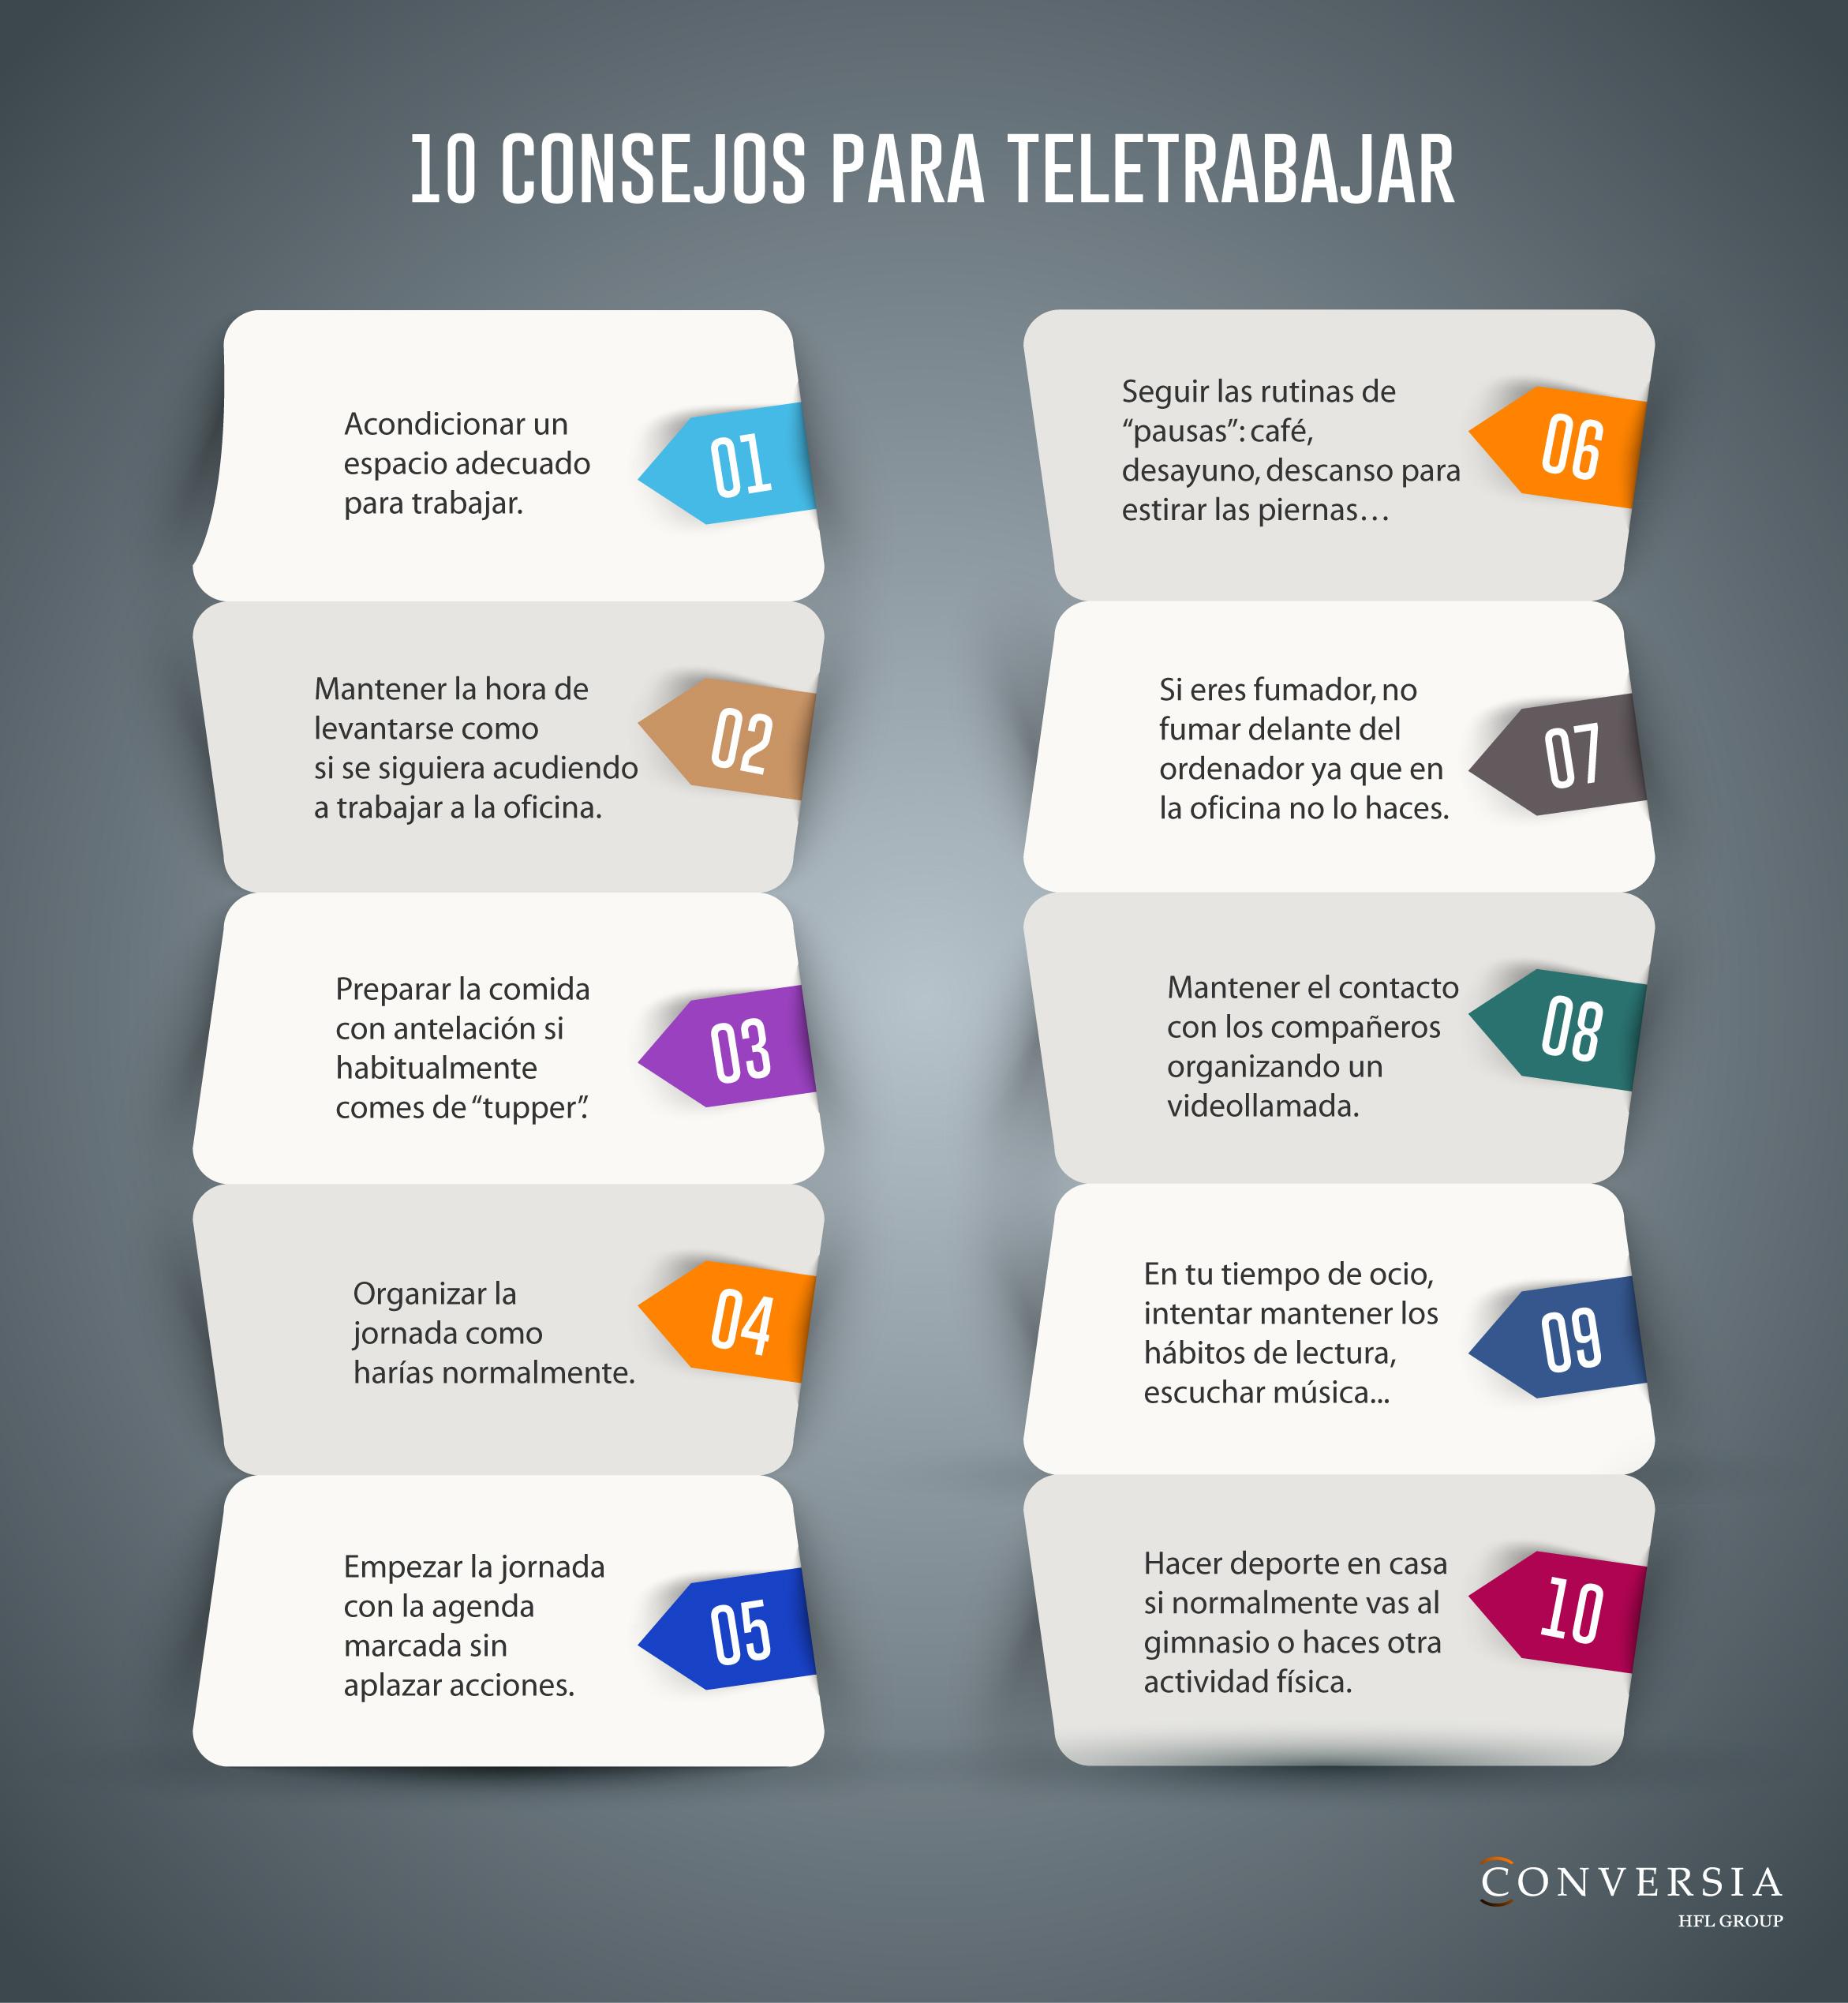 Infografia-Conversia-PRL-Consejos-Teletrabajar